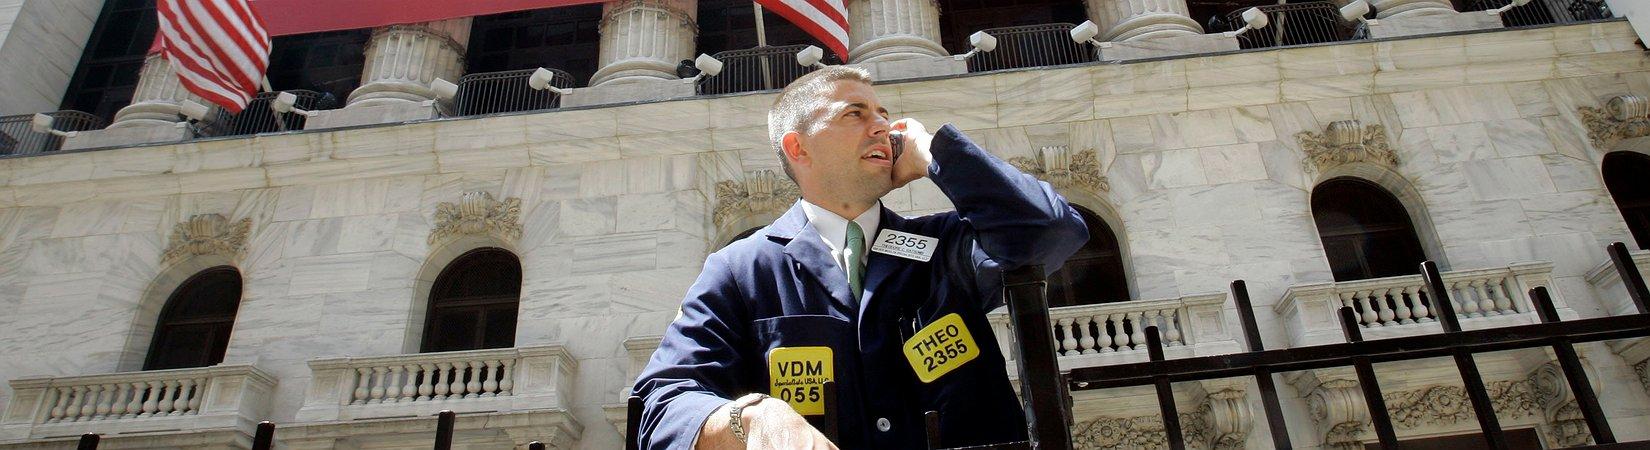 Жизнь после кризиса: 10 лет американского рынка в графиках